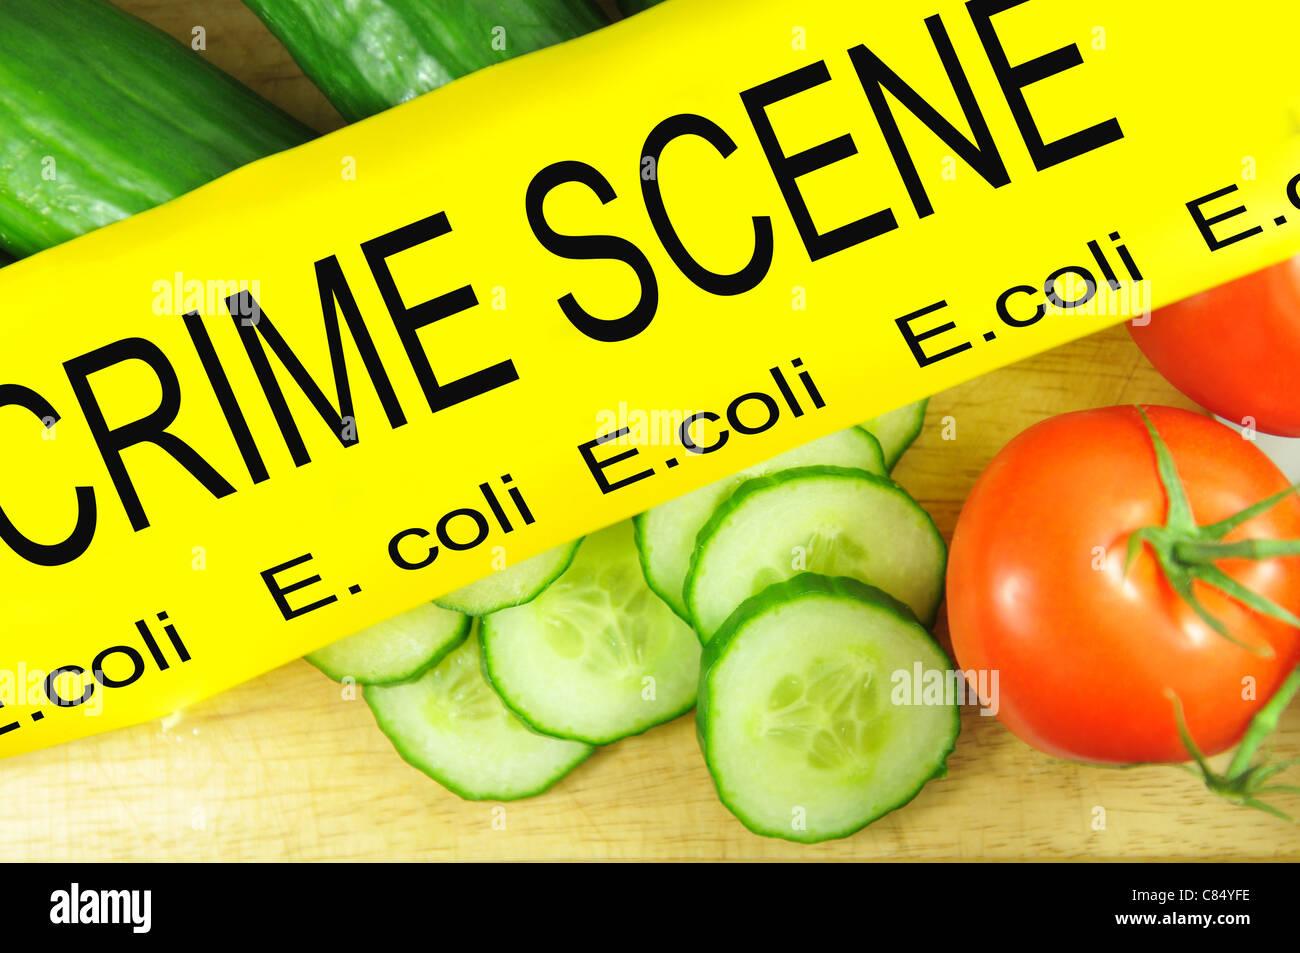 E.coli bacteria concept - Stock Image